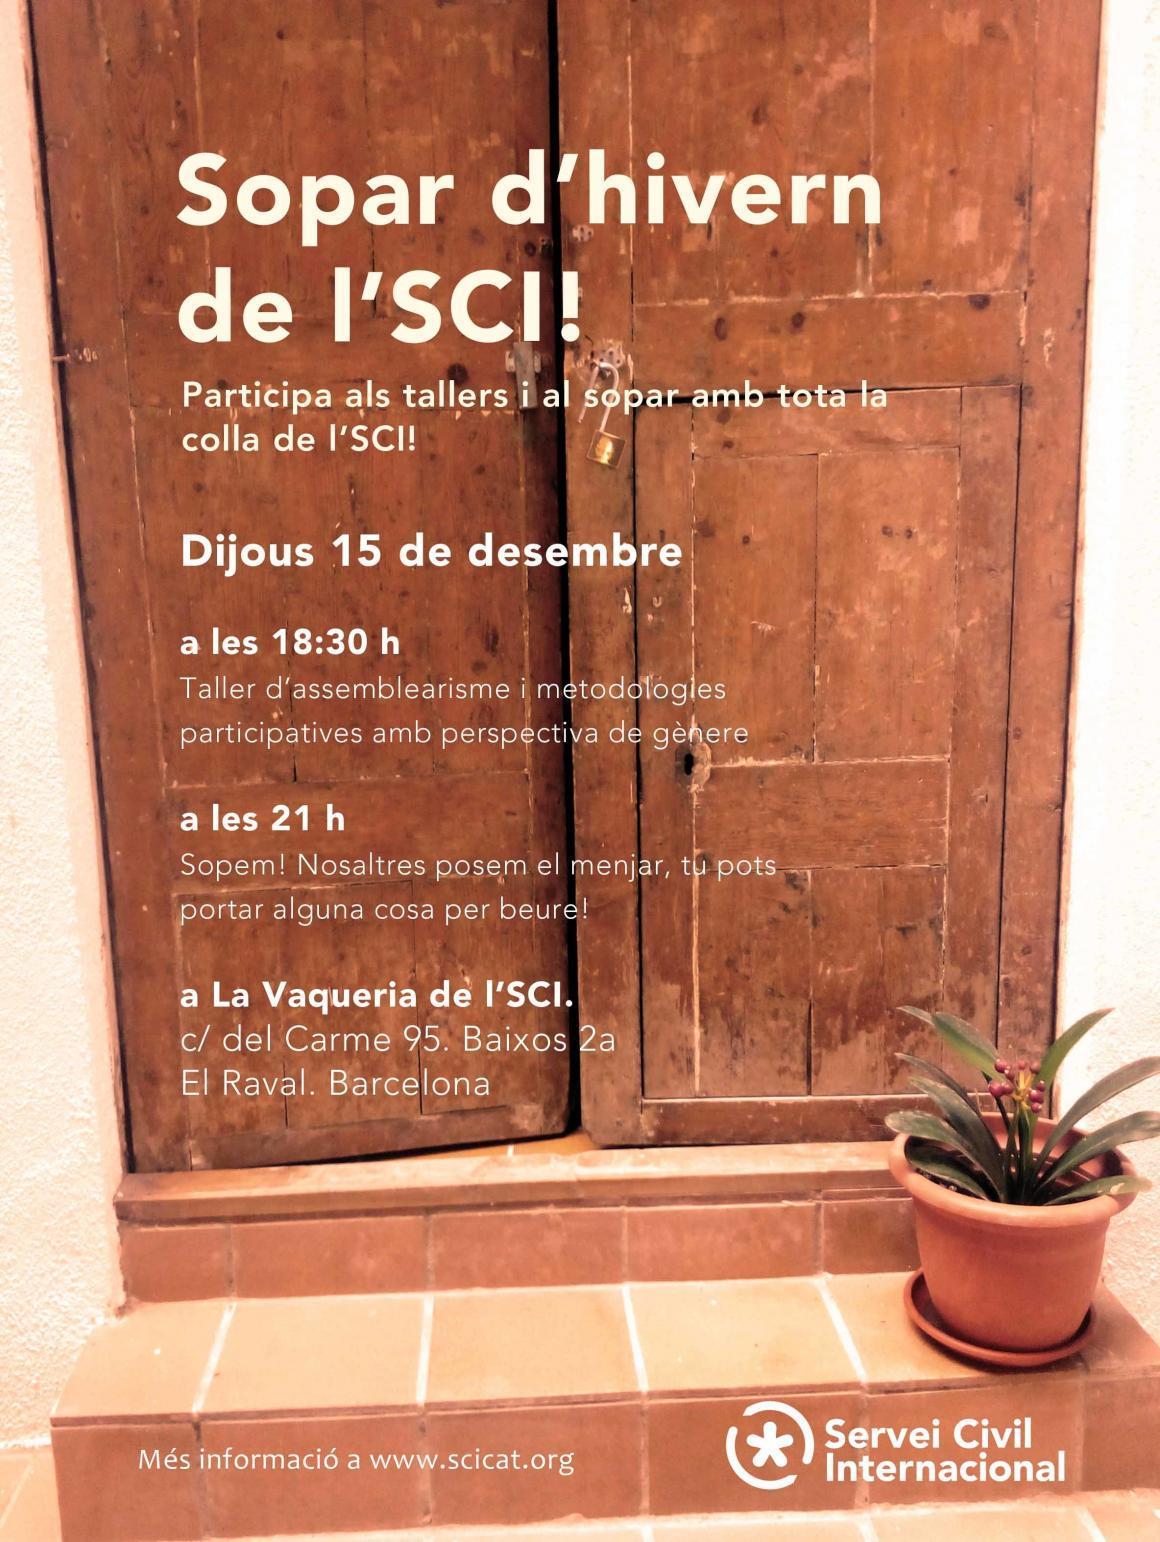 Vine al sopar d'hivern de l'SCI el 15 de desembre!